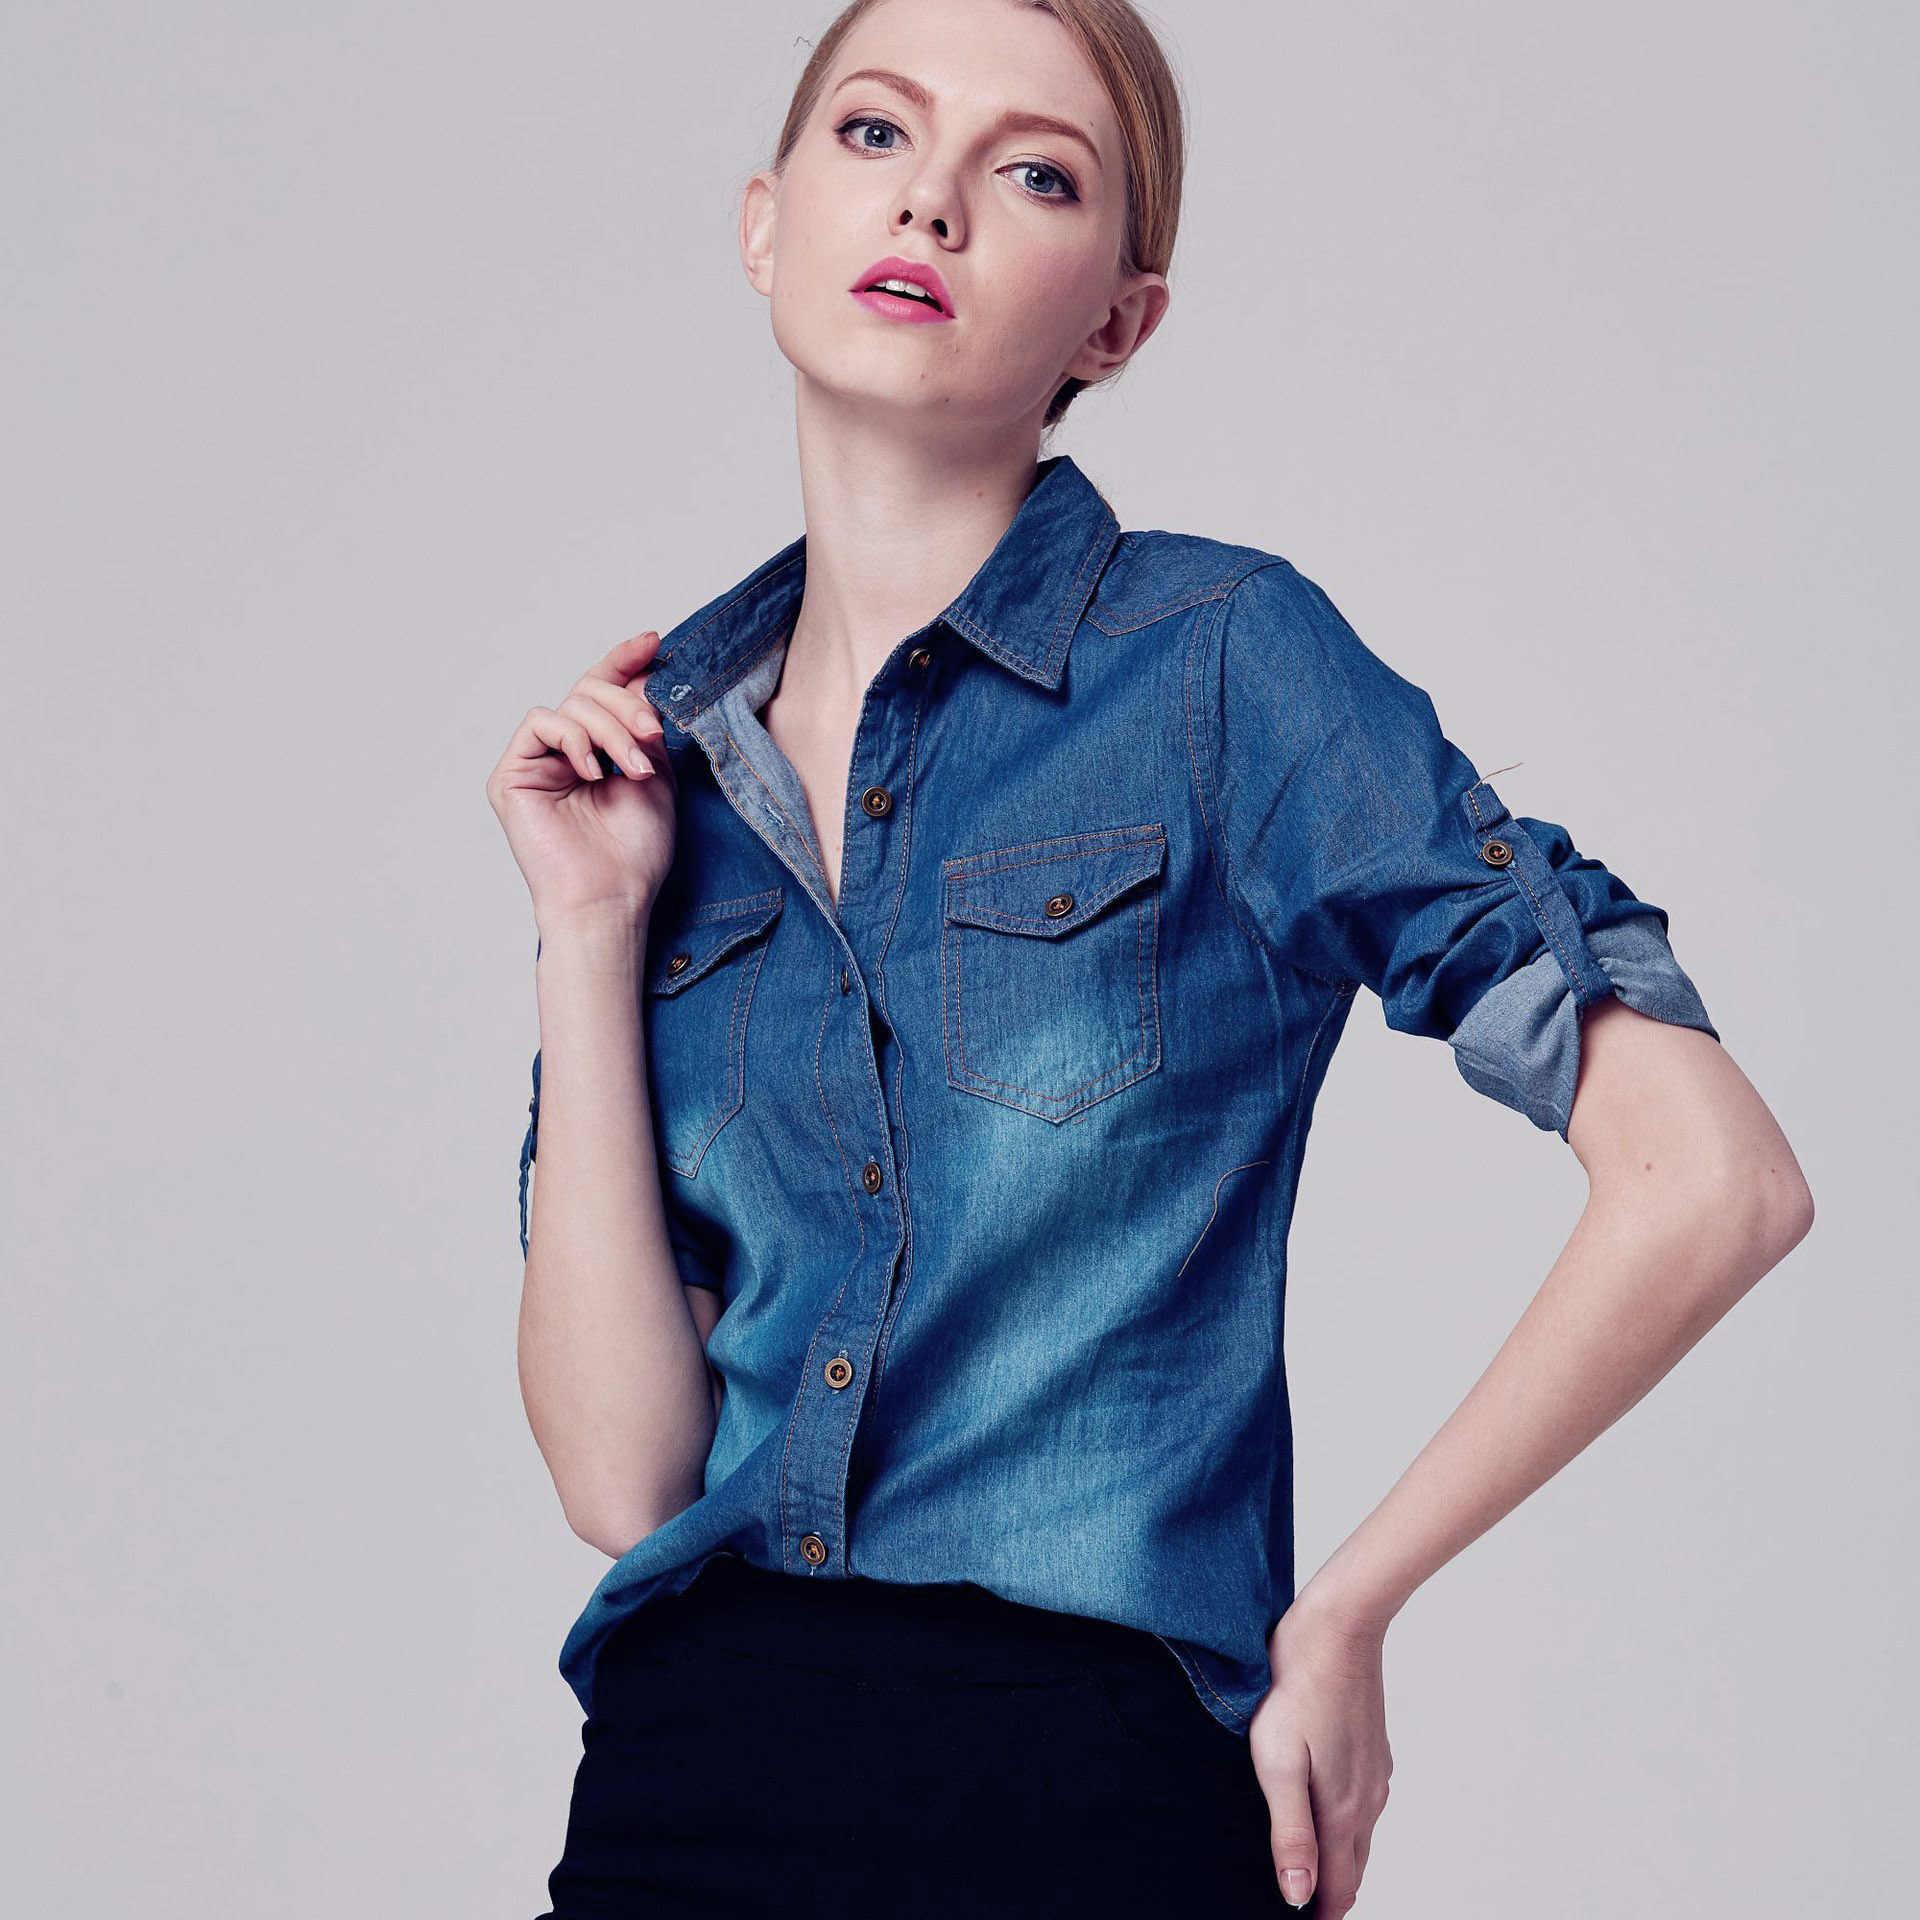 Джинсовая женская куртка 2019 осенние женские джинсовые куртки S ~ 3XL с длинным рукавом и отложным воротником синие женские Топы Рубашки Блузы Feminina